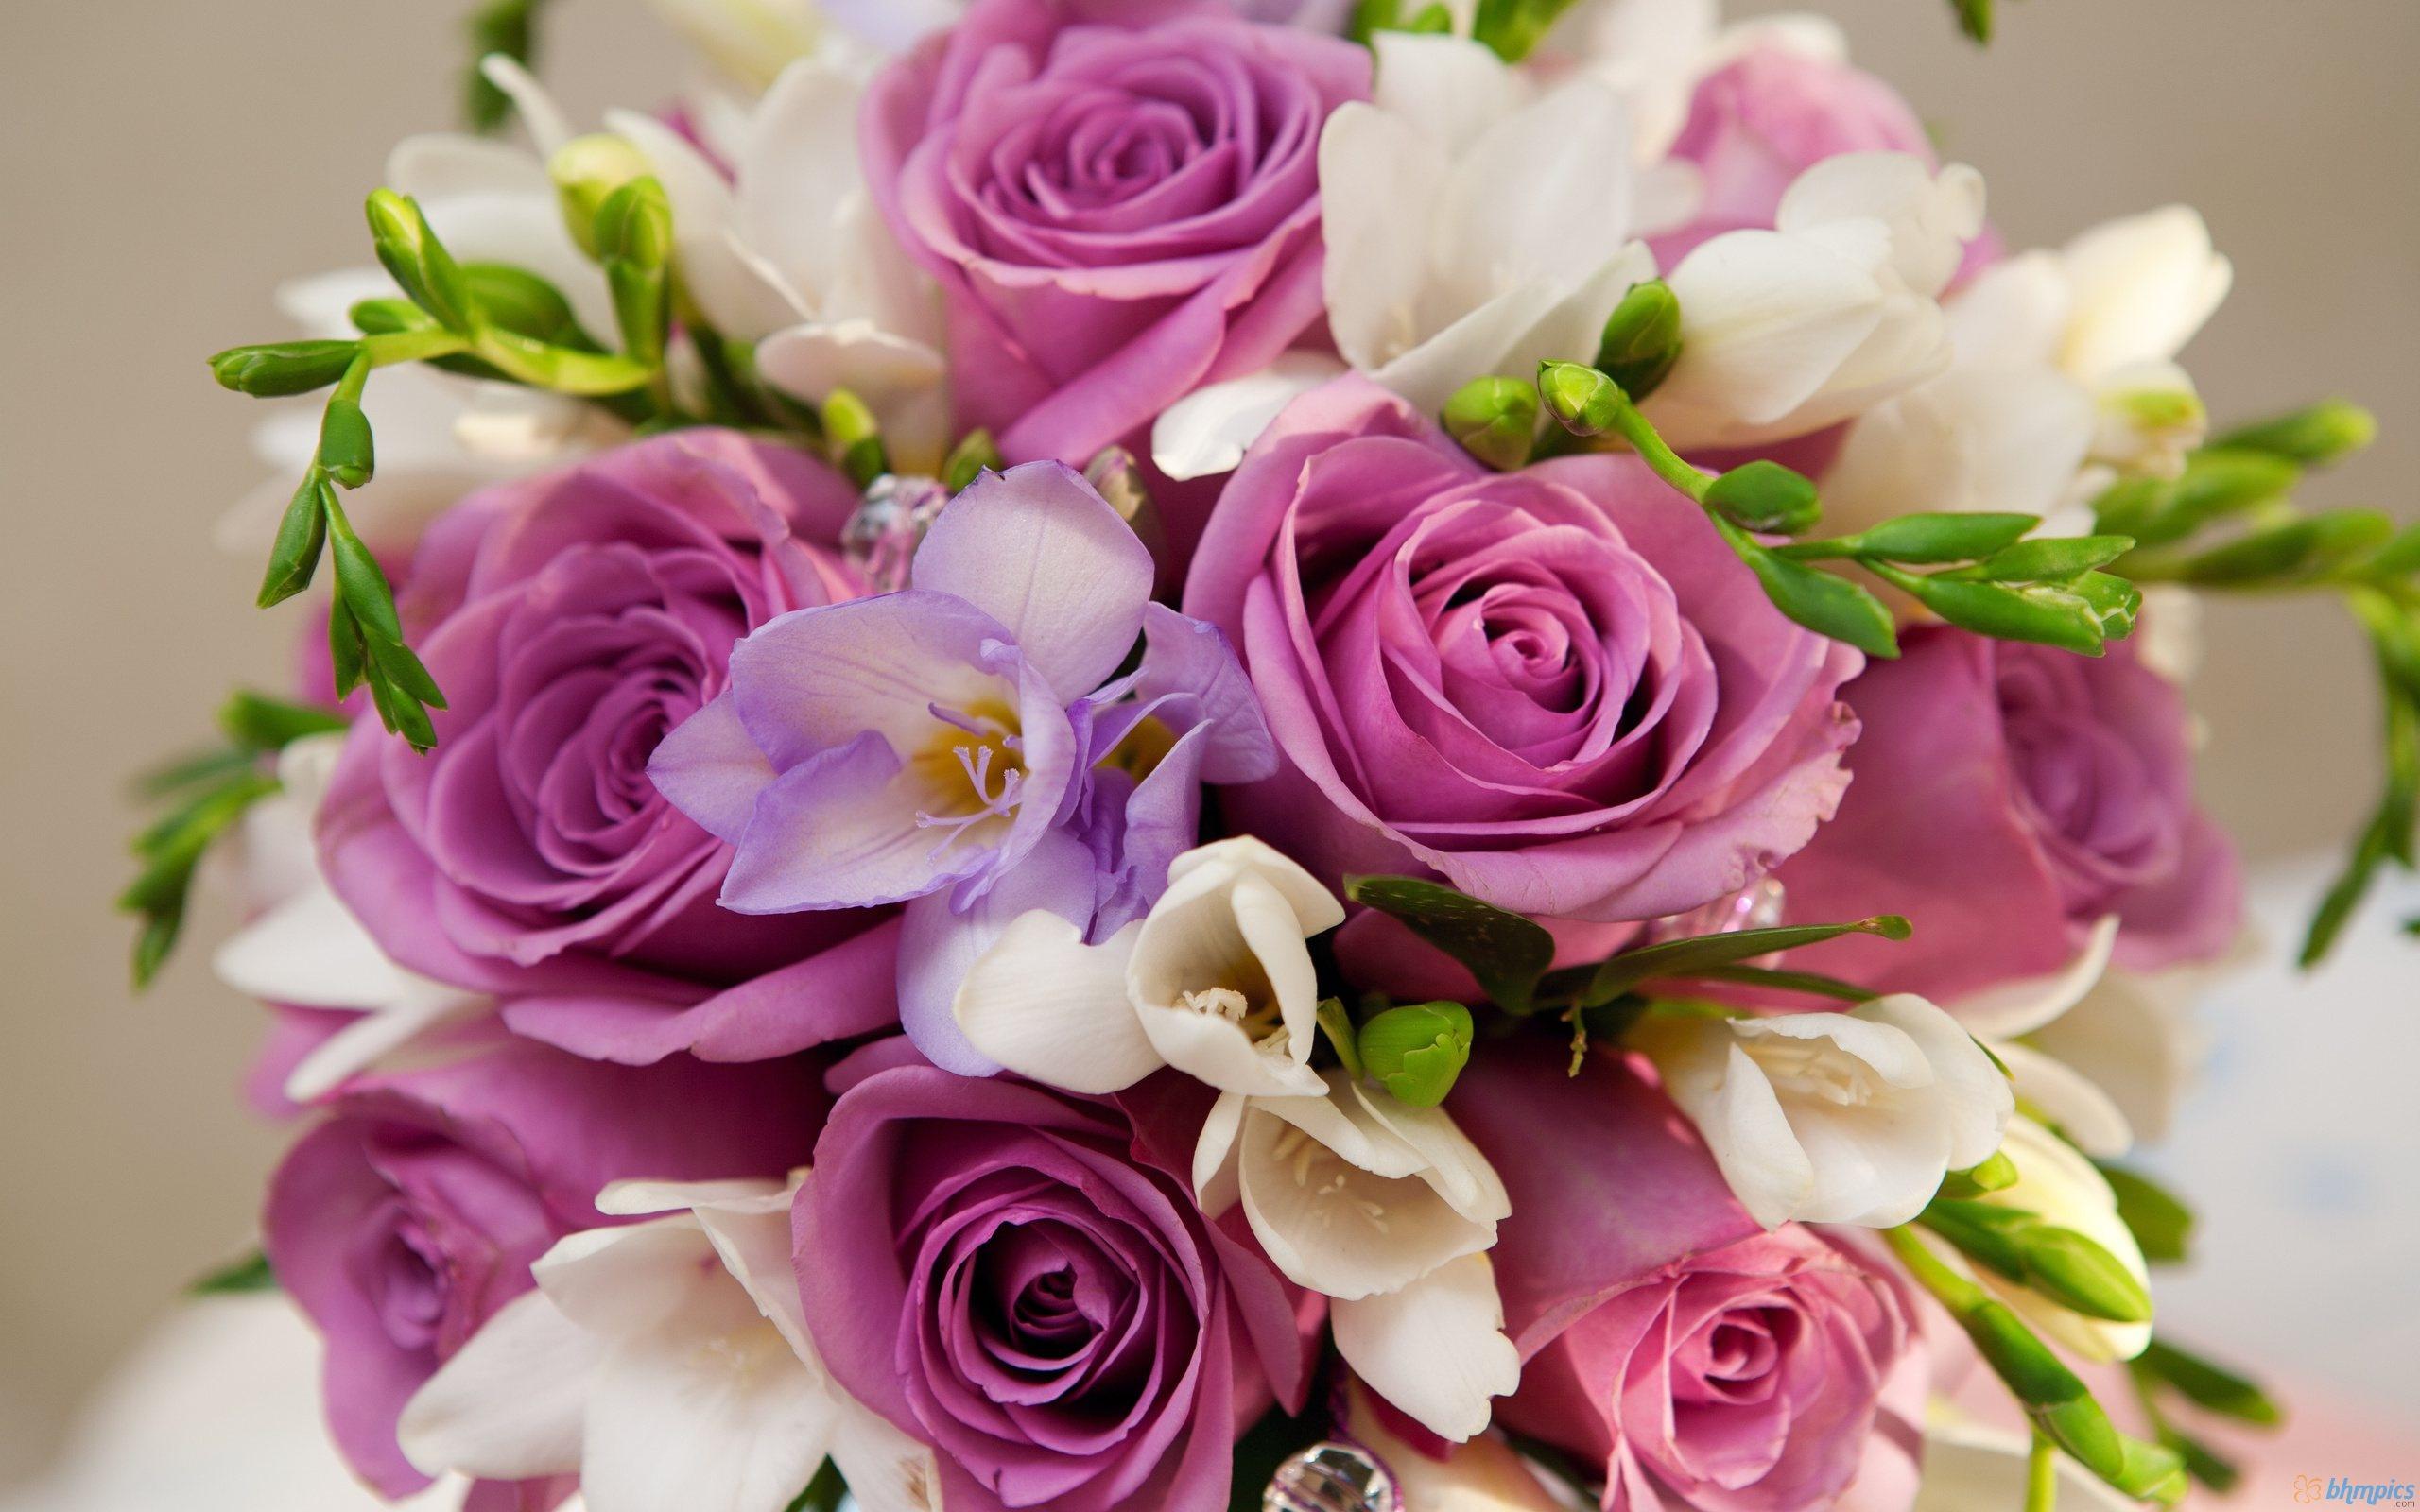 بالصور صور اجمل الورود , صور ائعة لاجمل الورود 5680 7